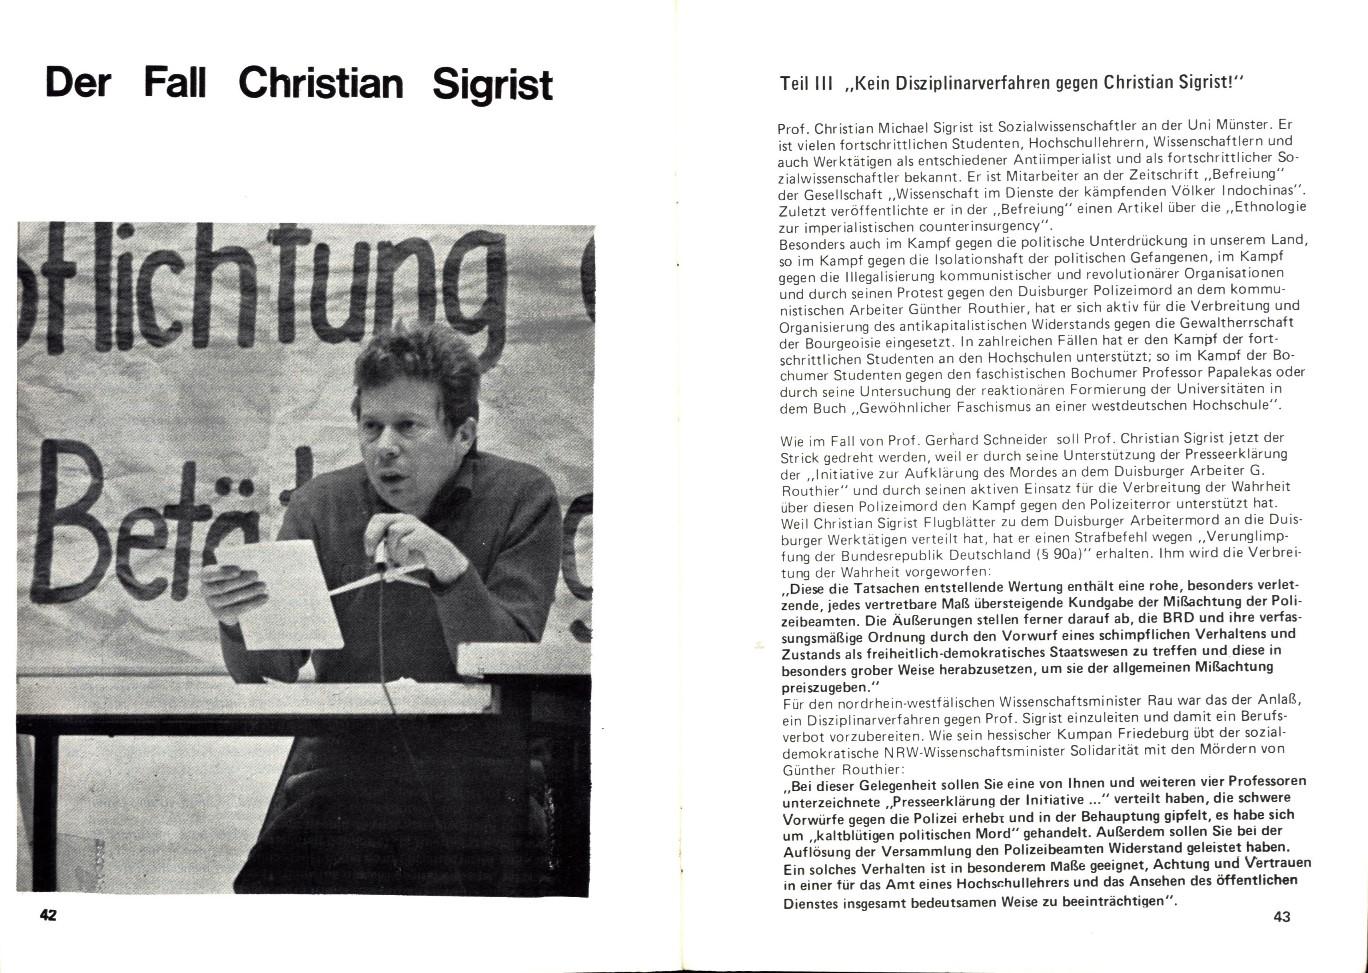 KSV_1975_Scheer_Schneider_Sigrist_22